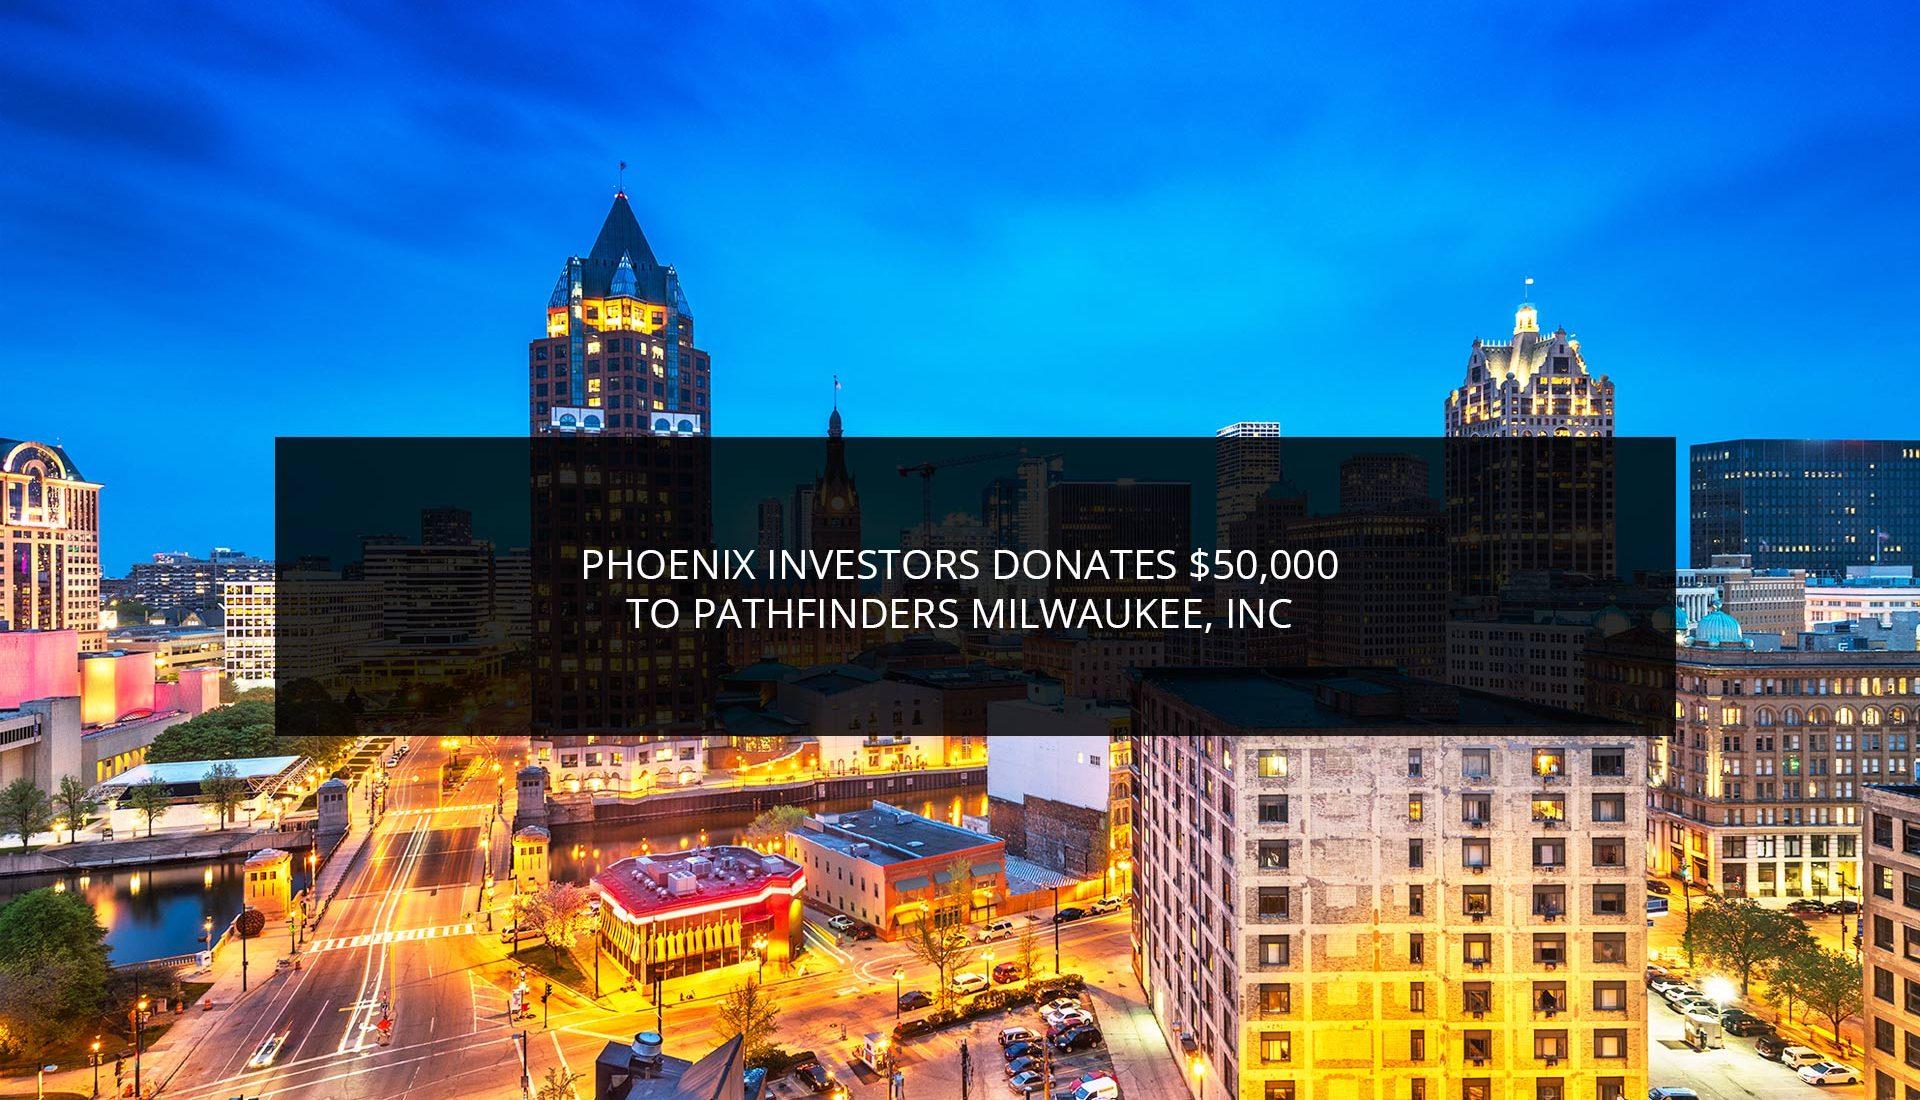 Phoenix Investors Donates $50,000 To Pathfinders Milwaukee, Inc.